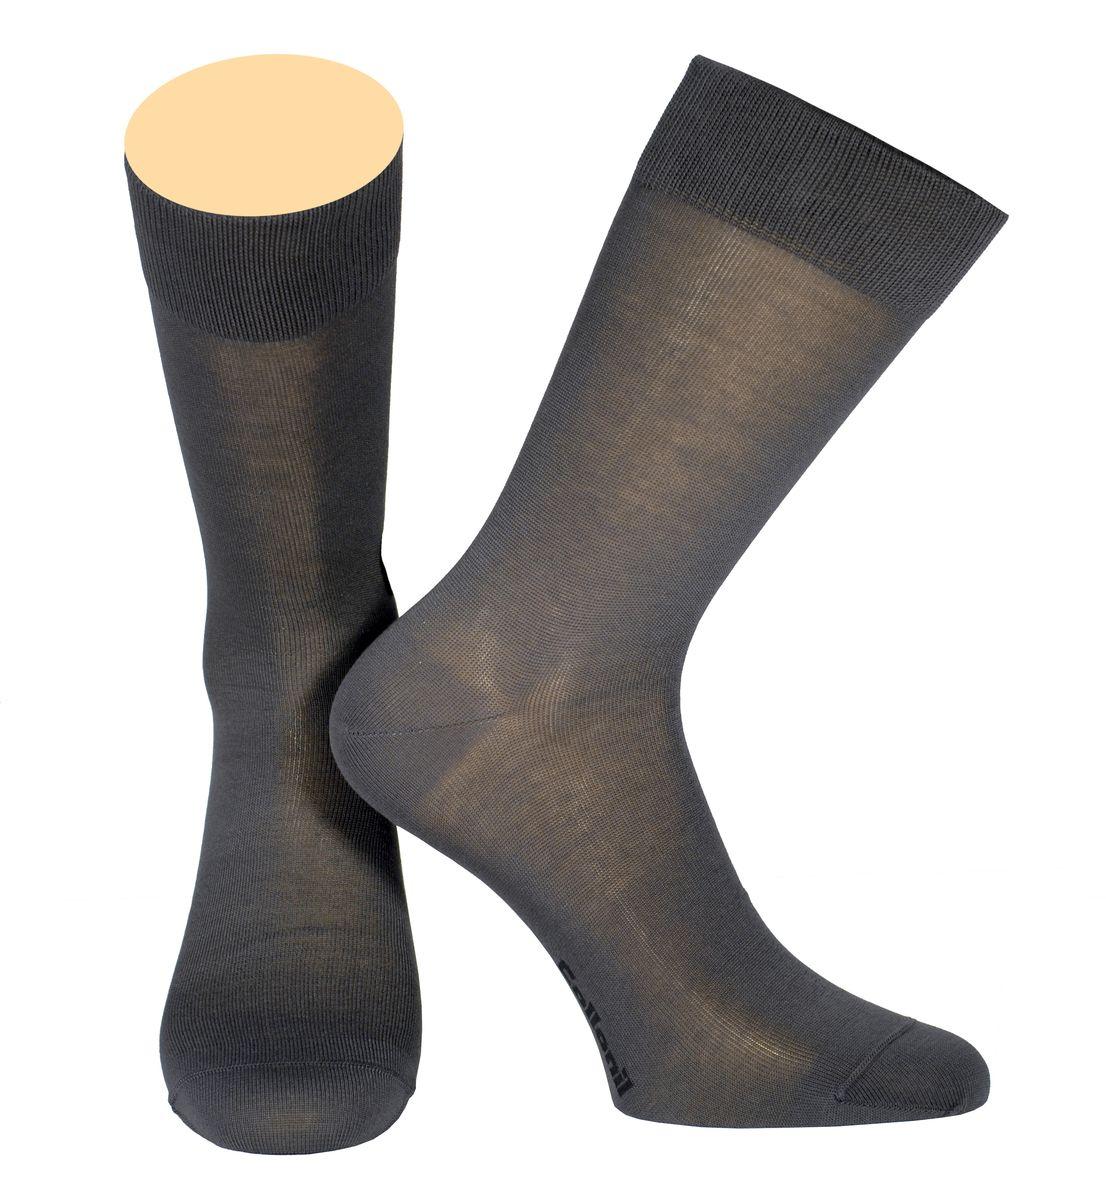 Носки мужские Collonil, цвет: темно-серый. 142/32. Размер 39-41142/32Мужские носки Collonil изготовлены из мерсеризованного хлопка.Носки с удлиненным паголенком. Широкая резинка не сдавливает и комфортно облегает ногу.